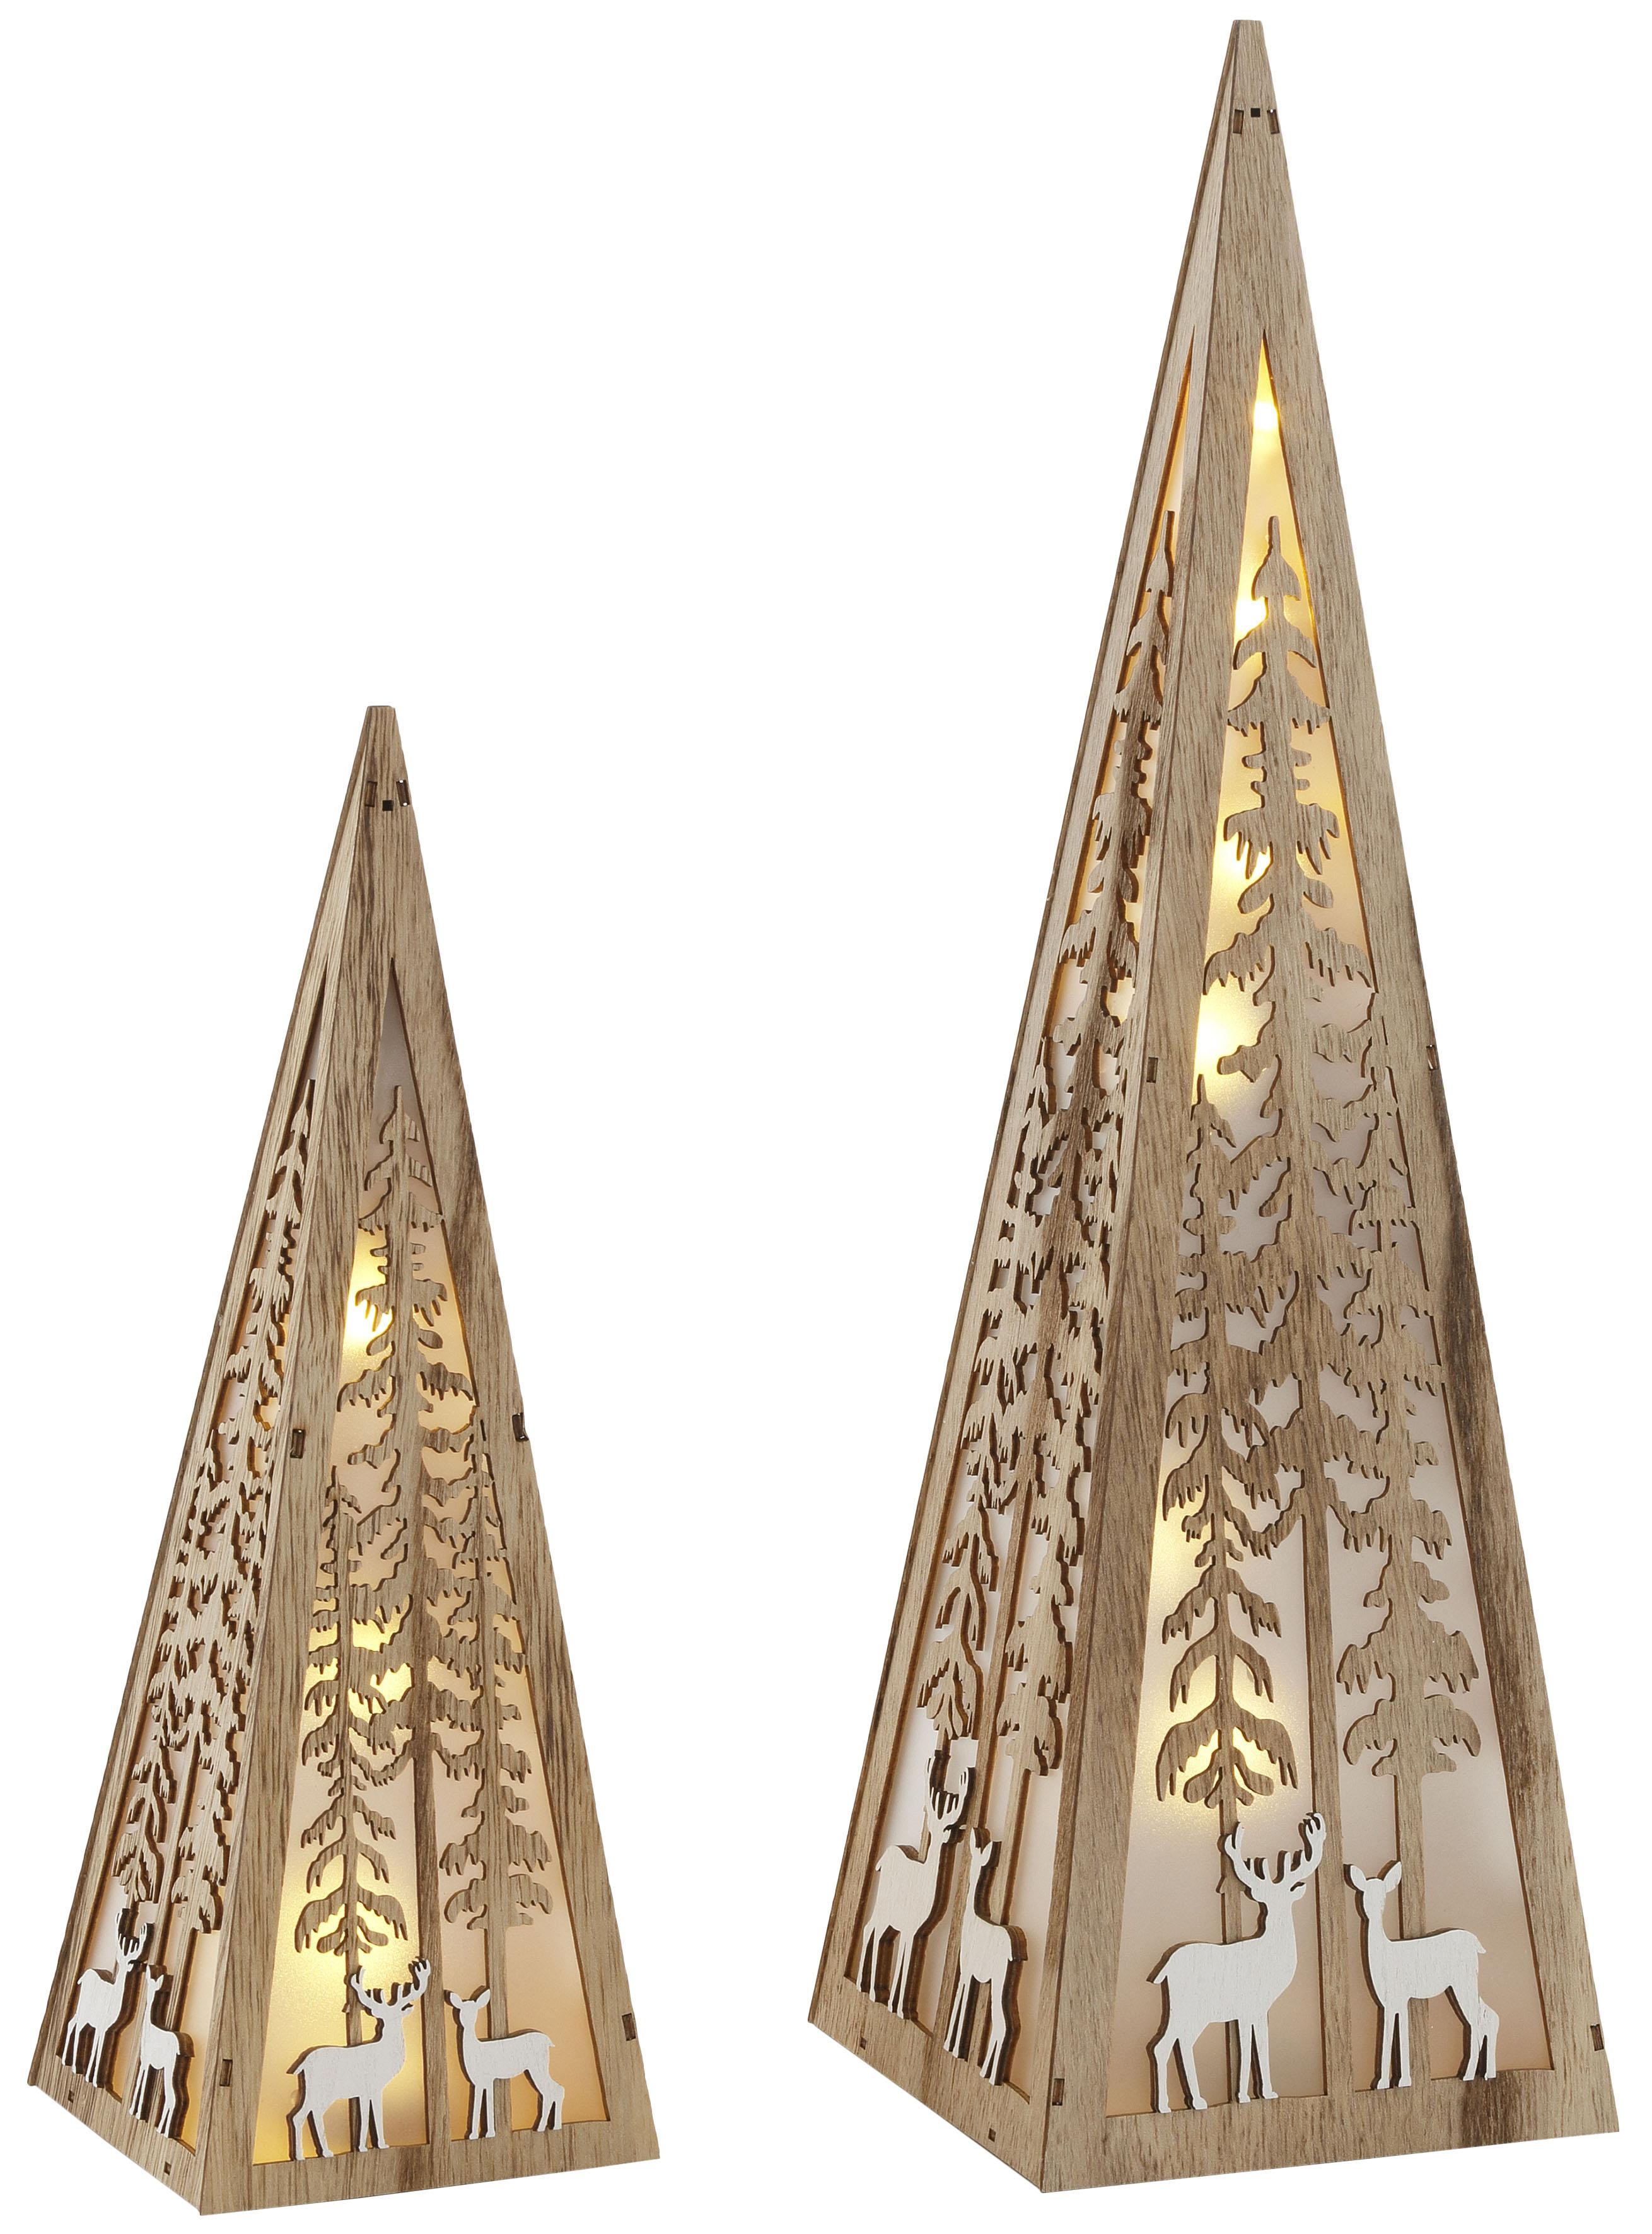 Home affaire LED Dekoobjekt »Pyramide«, Warmweiß, im 2-teiligen Set, mit liebevollen Details, Höhe ca. 30 + 45 cm